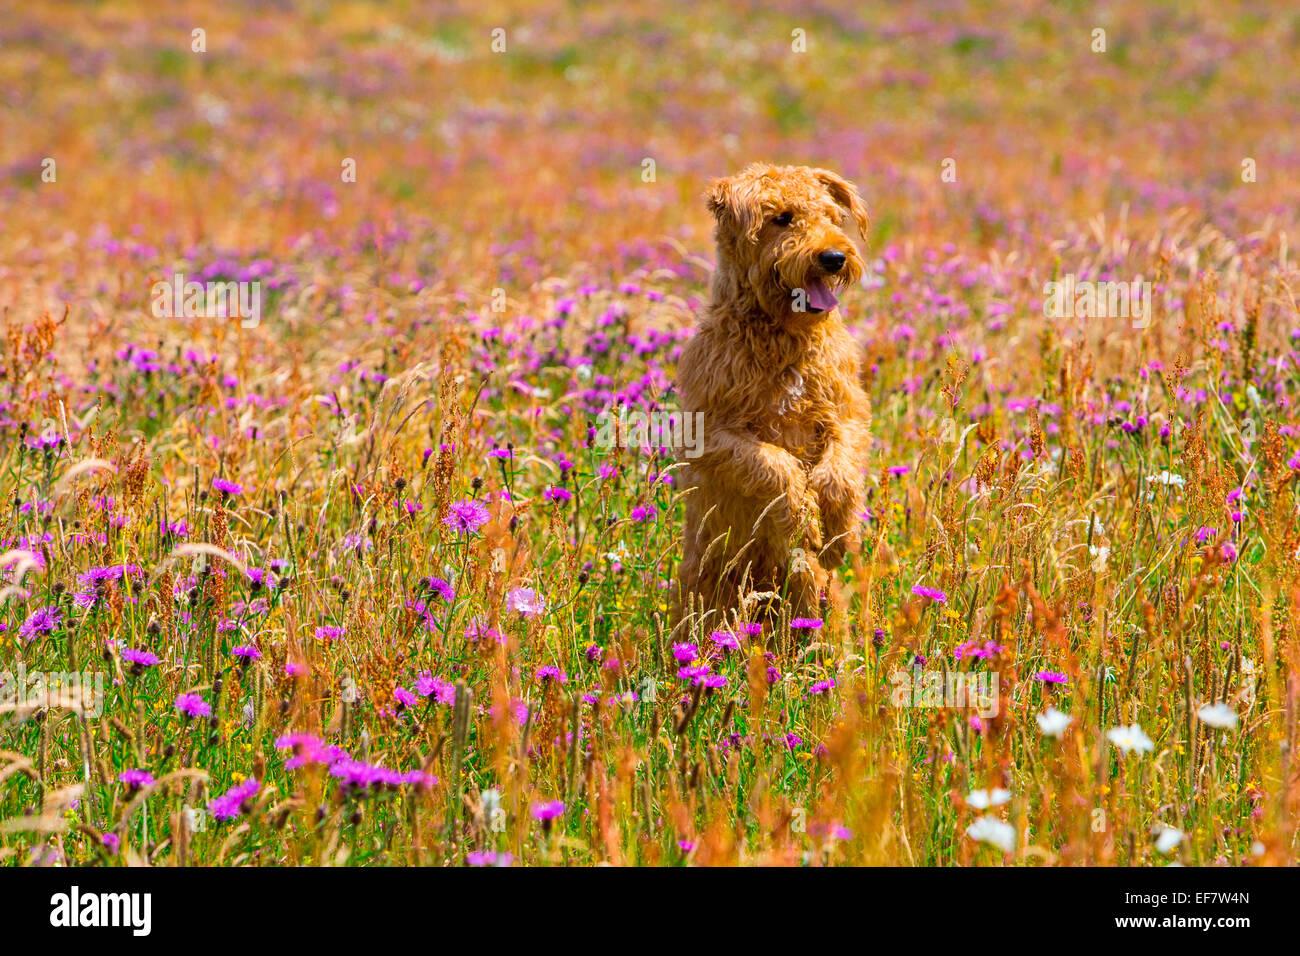 Terrier perro de pie sobre las patas traseras en el wildflower meadow Imagen De Stock